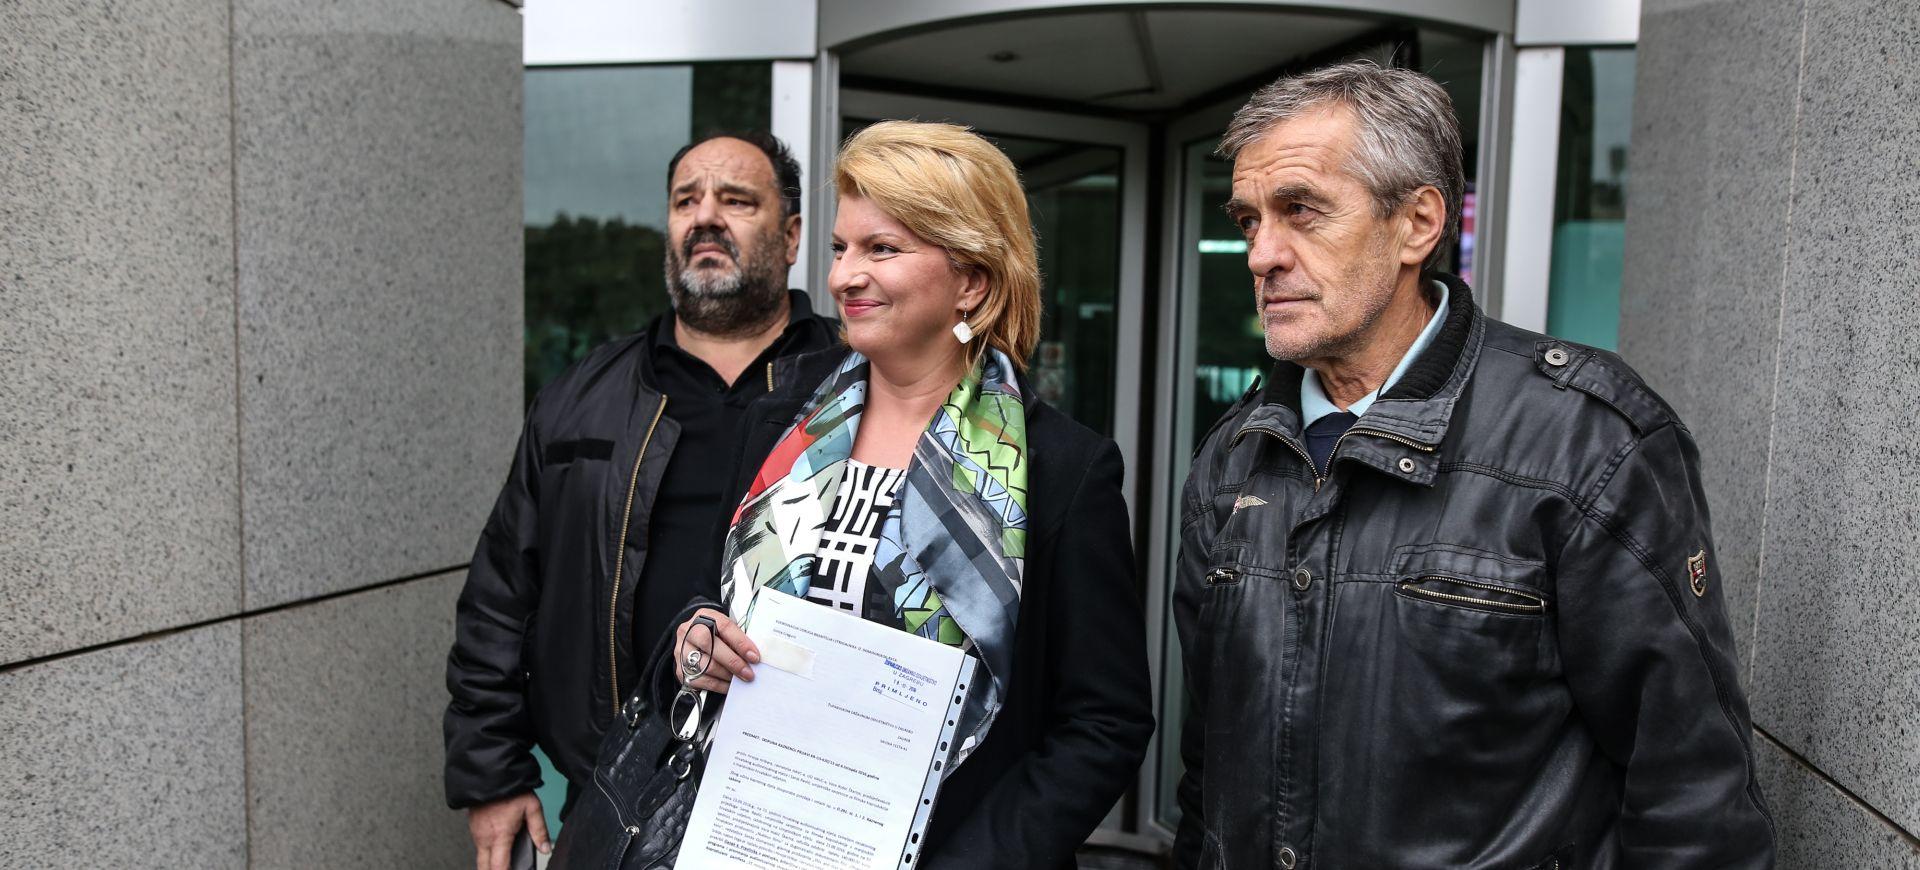 Braniteljske udruge s novim kaznenim prijavama protiv HAVC-a